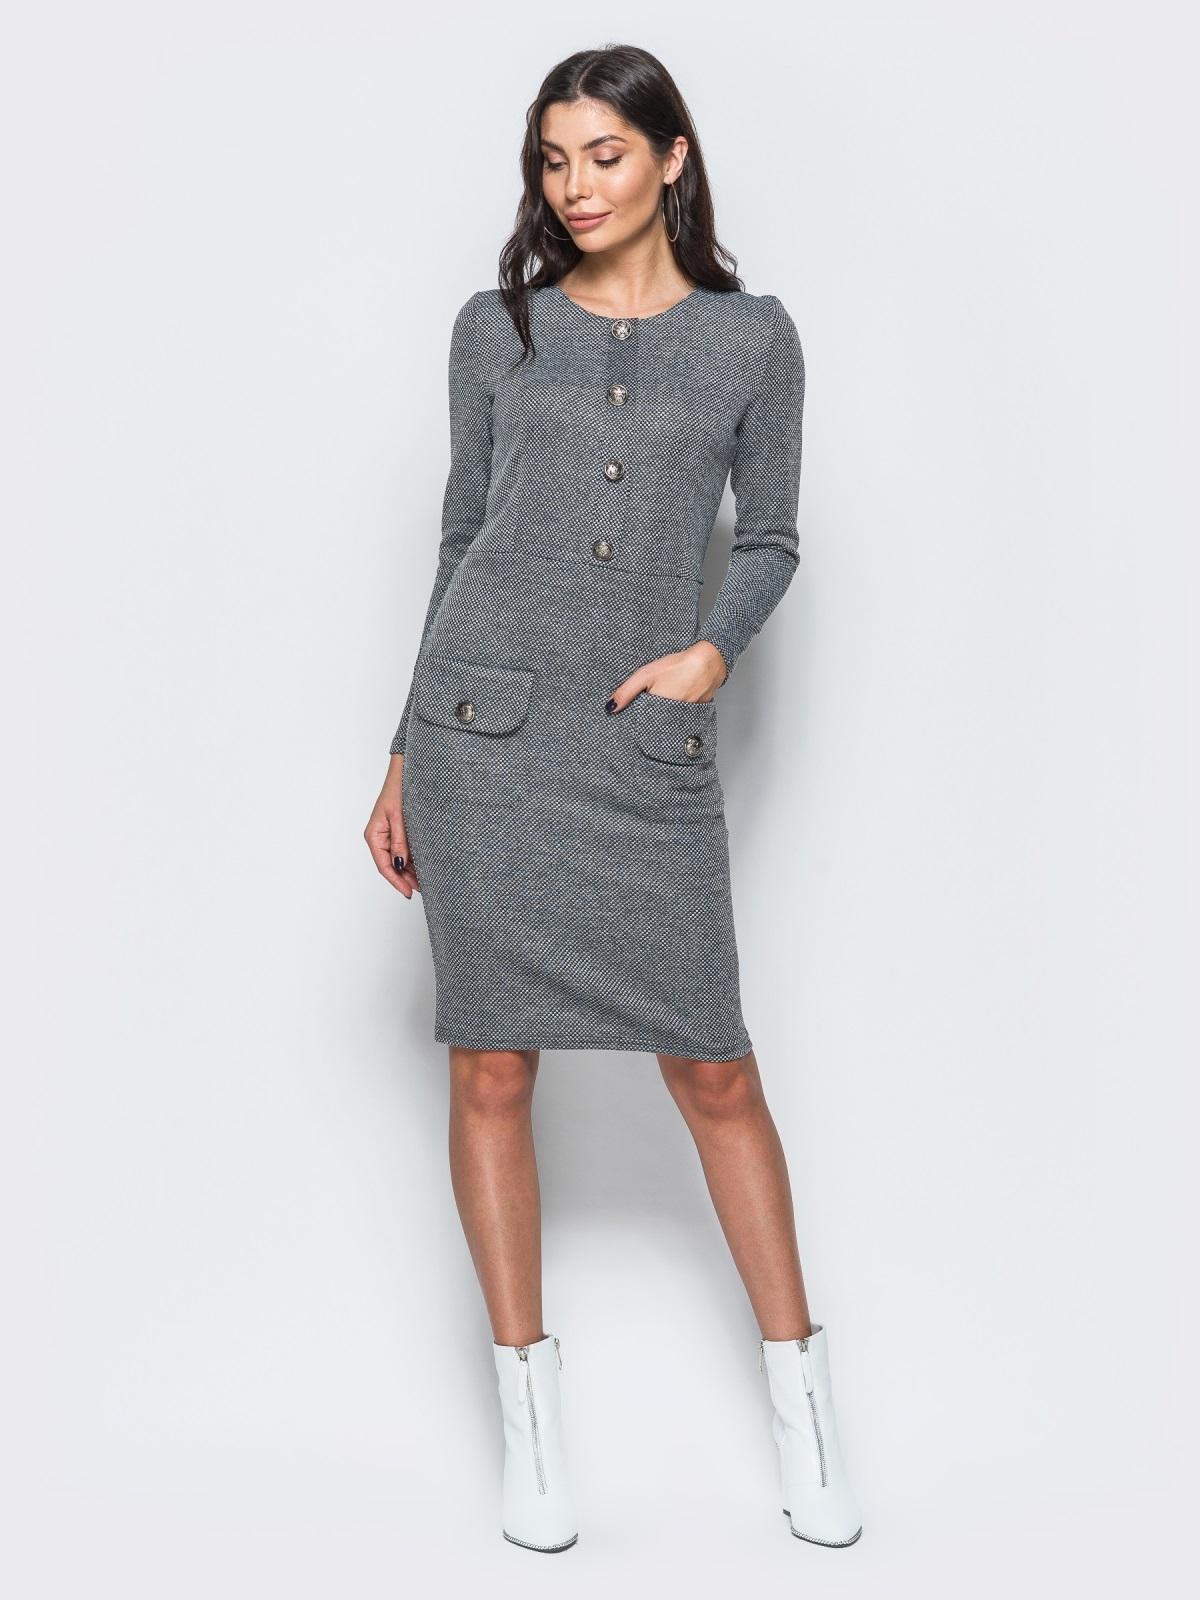 Трикотажное платье-футляр серого цвета с прорезными карманами - 17582, фото 1 – интернет-магазин Dressa